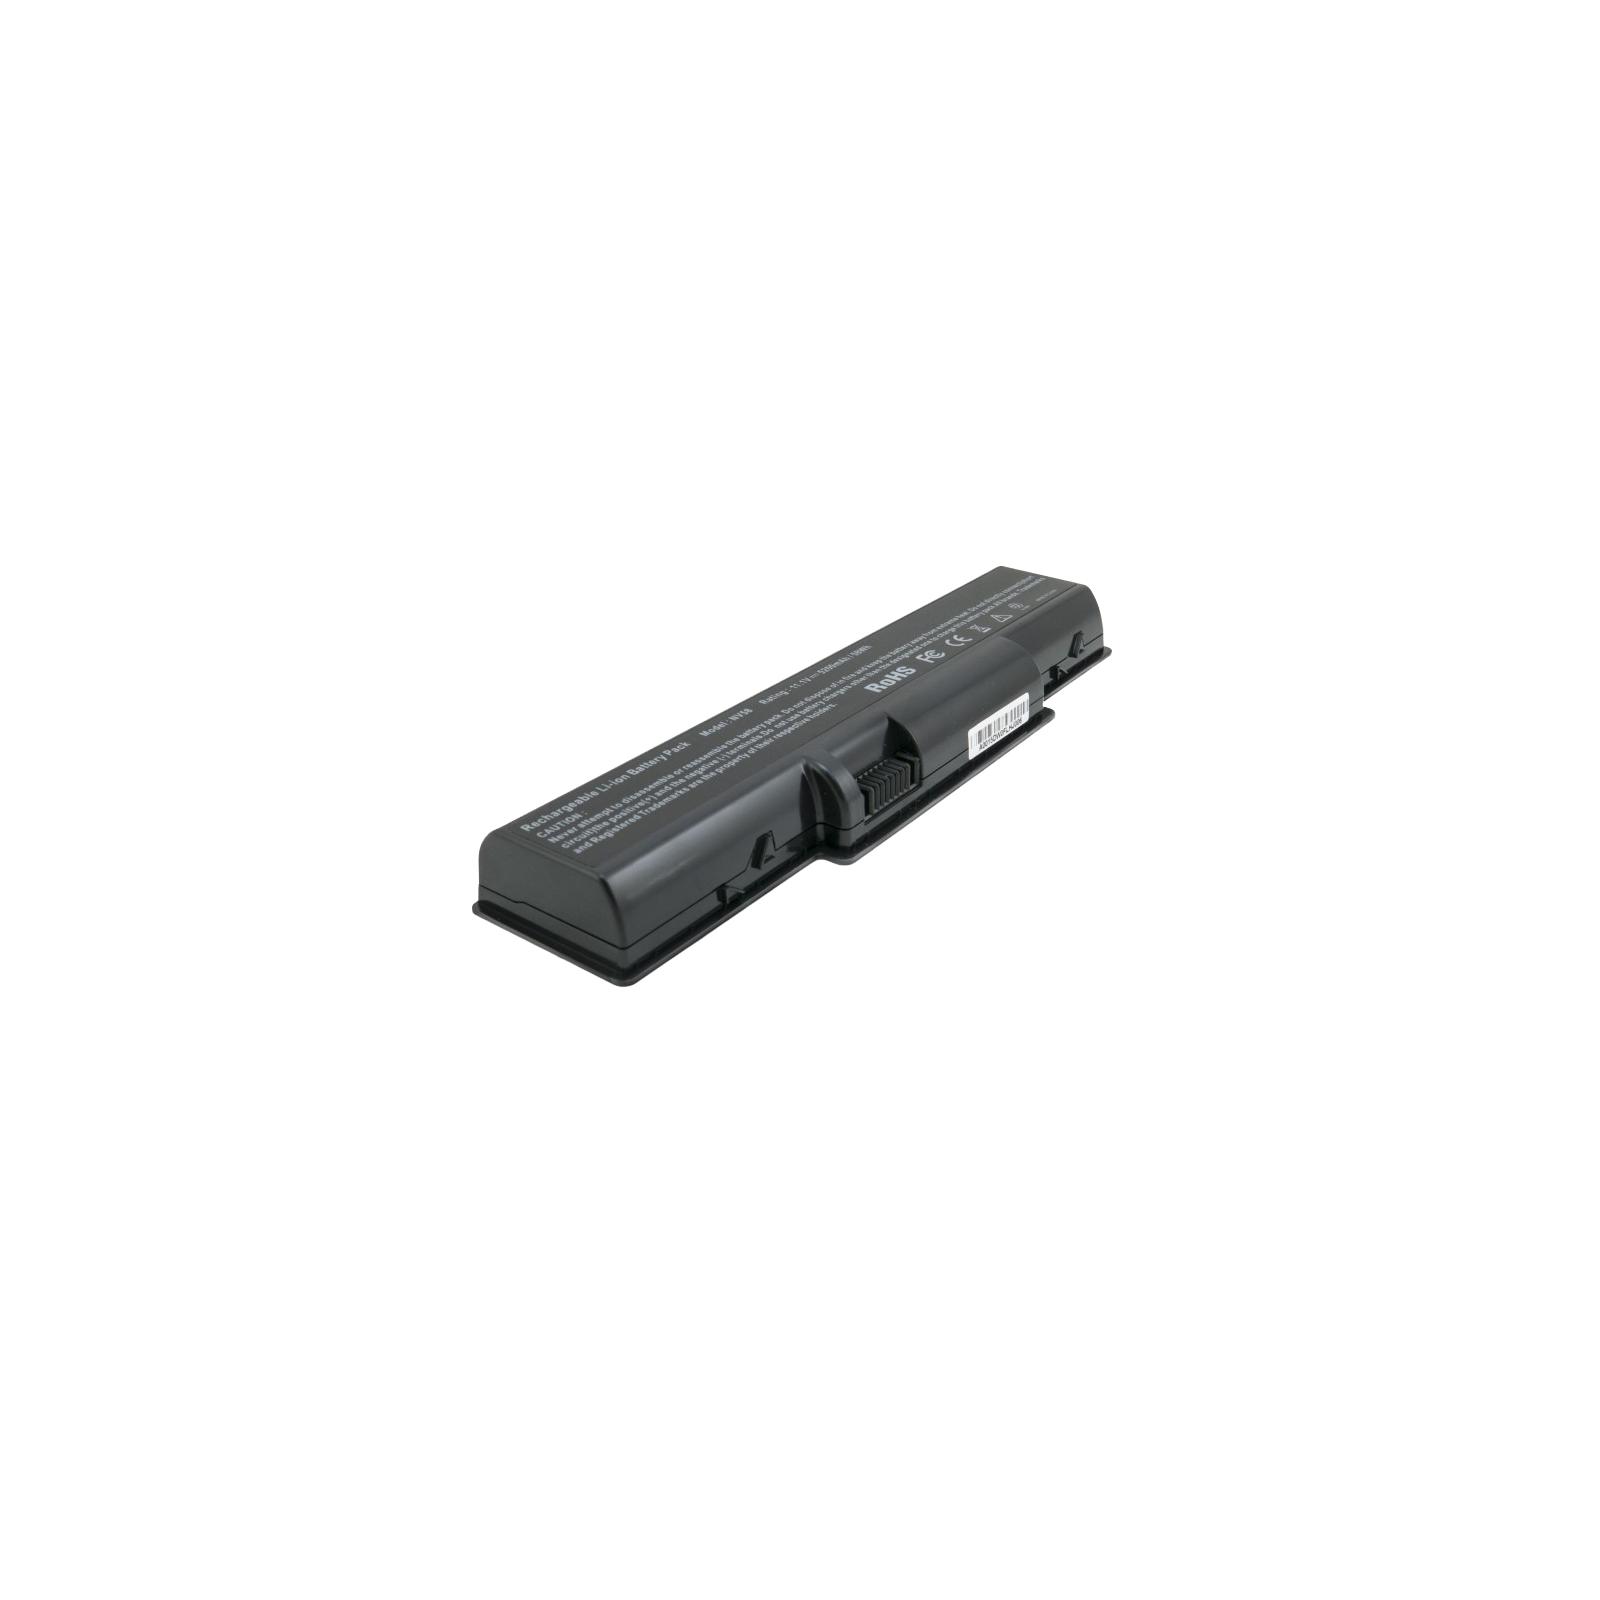 Аккумулятор для ноутбука Acer Aspire 4732 (AS09A31) 5200 mAh EXTRADIGITAL (BNA3916) изображение 2